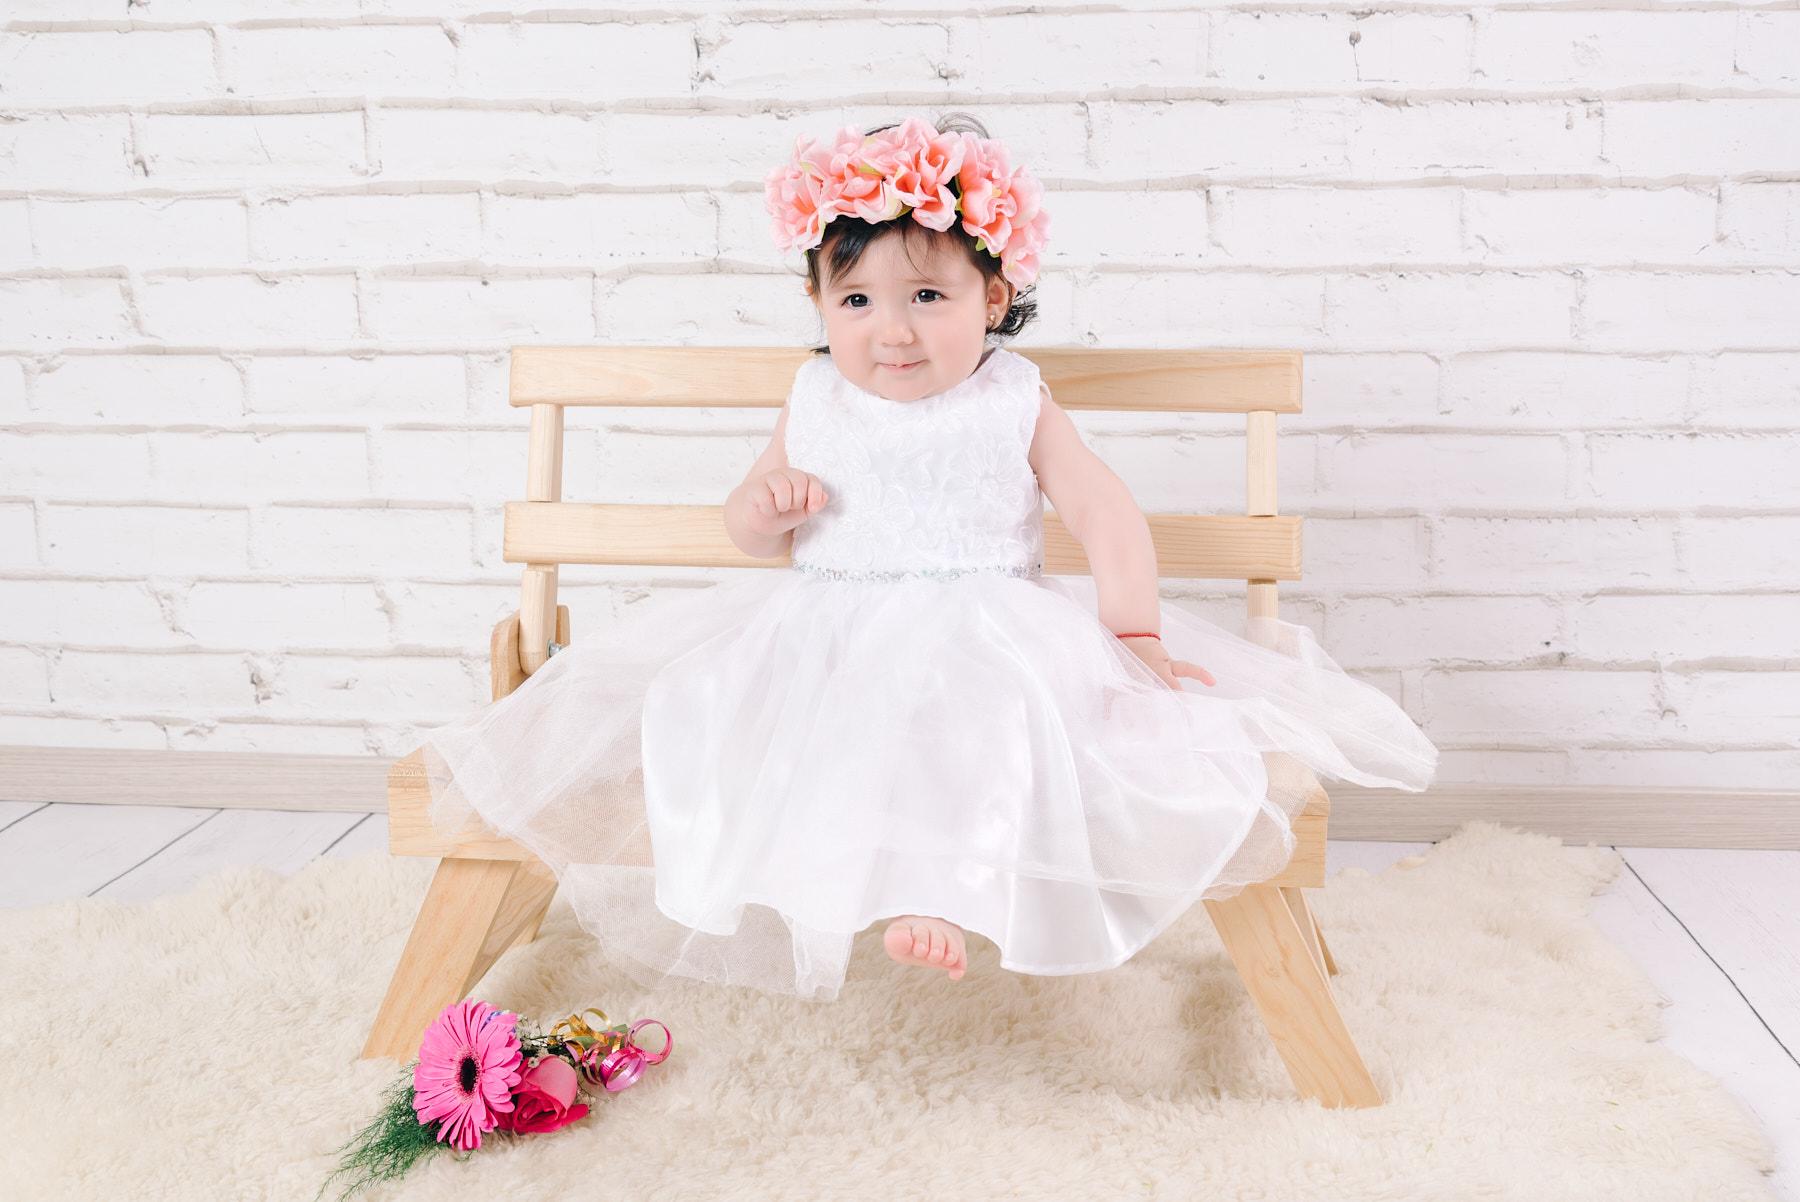 estudio fotografico infantil en toluca y metepec